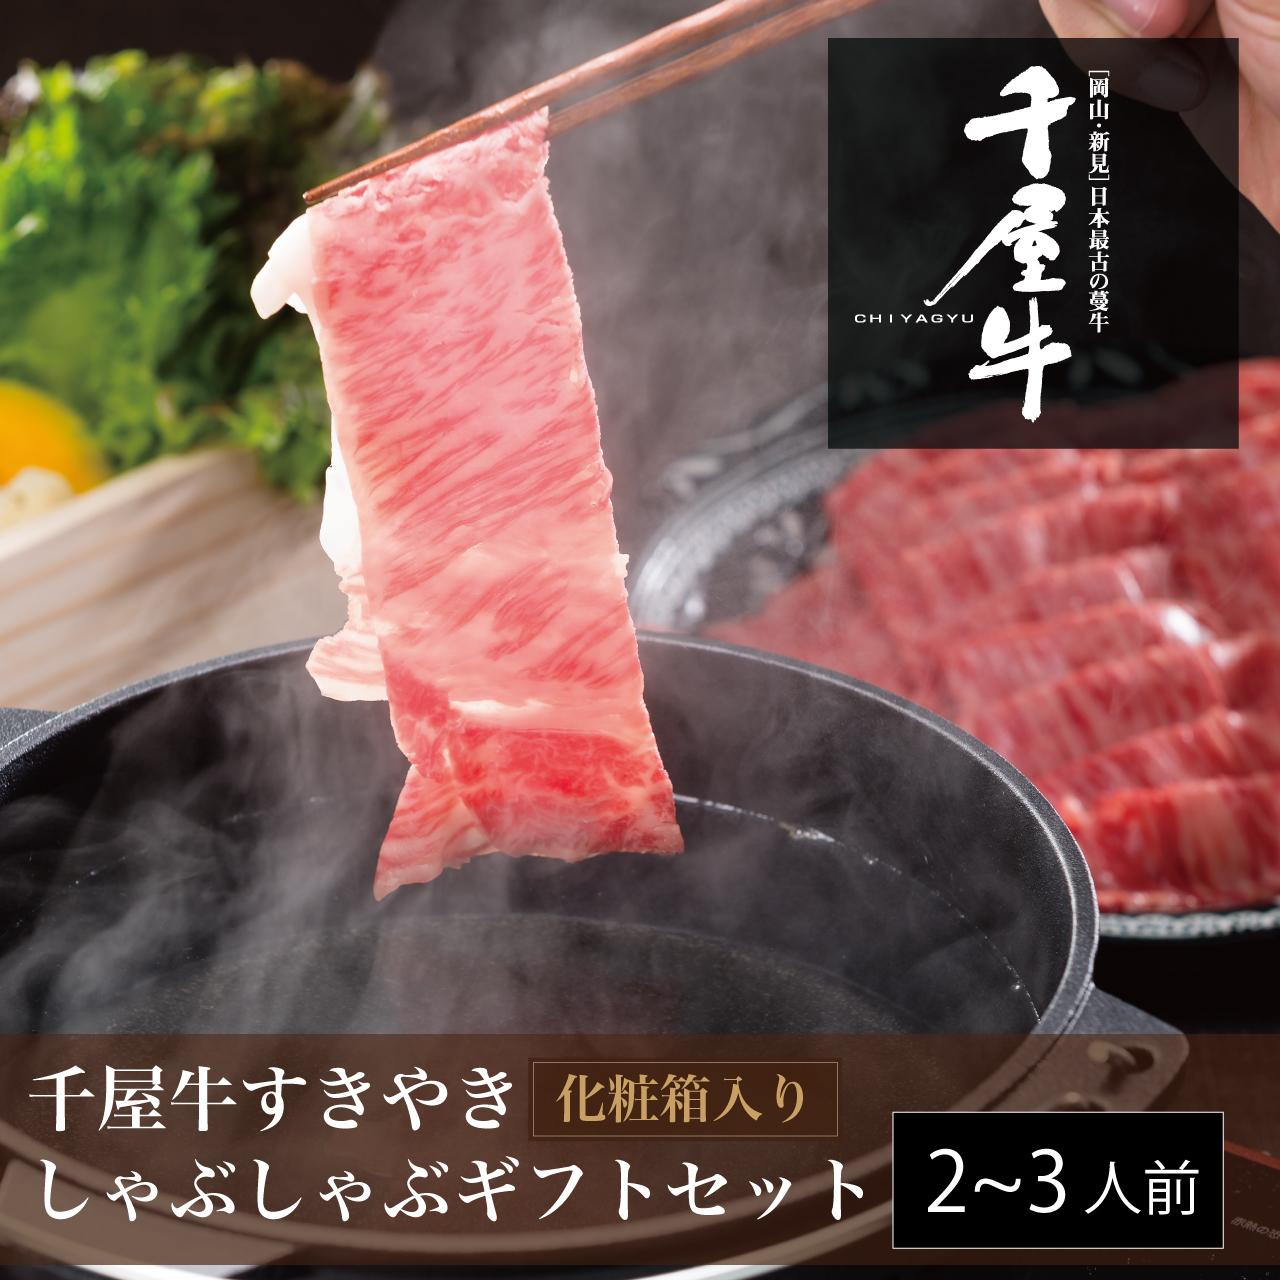 千屋牛A4等級すき焼き・しゃぶしゃぶ用ローススライス300g(2〜3名様用)【送料無料】